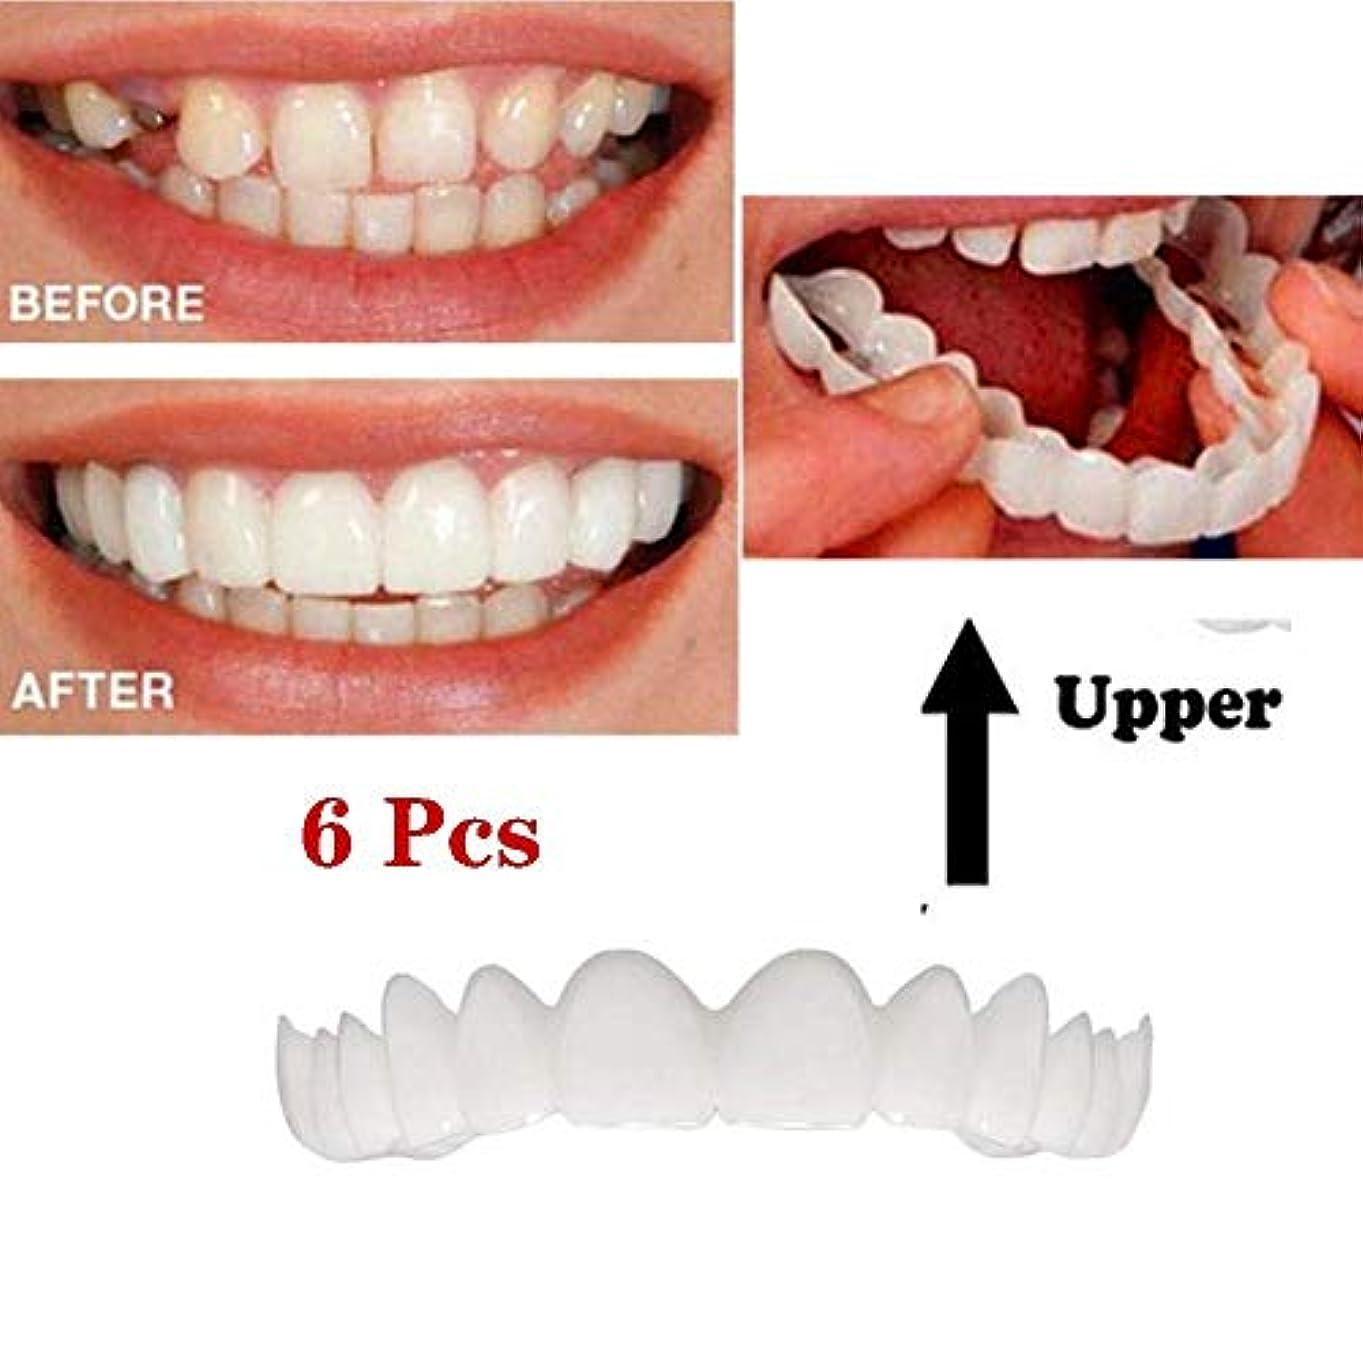 強要合法痛い6個シリコーン偽の歯偽歯カバーホワイトニング義歯オーラルケア歯ホワイトニングデンタルオーラルケアアッパーブレース仮化粧品歯義歯